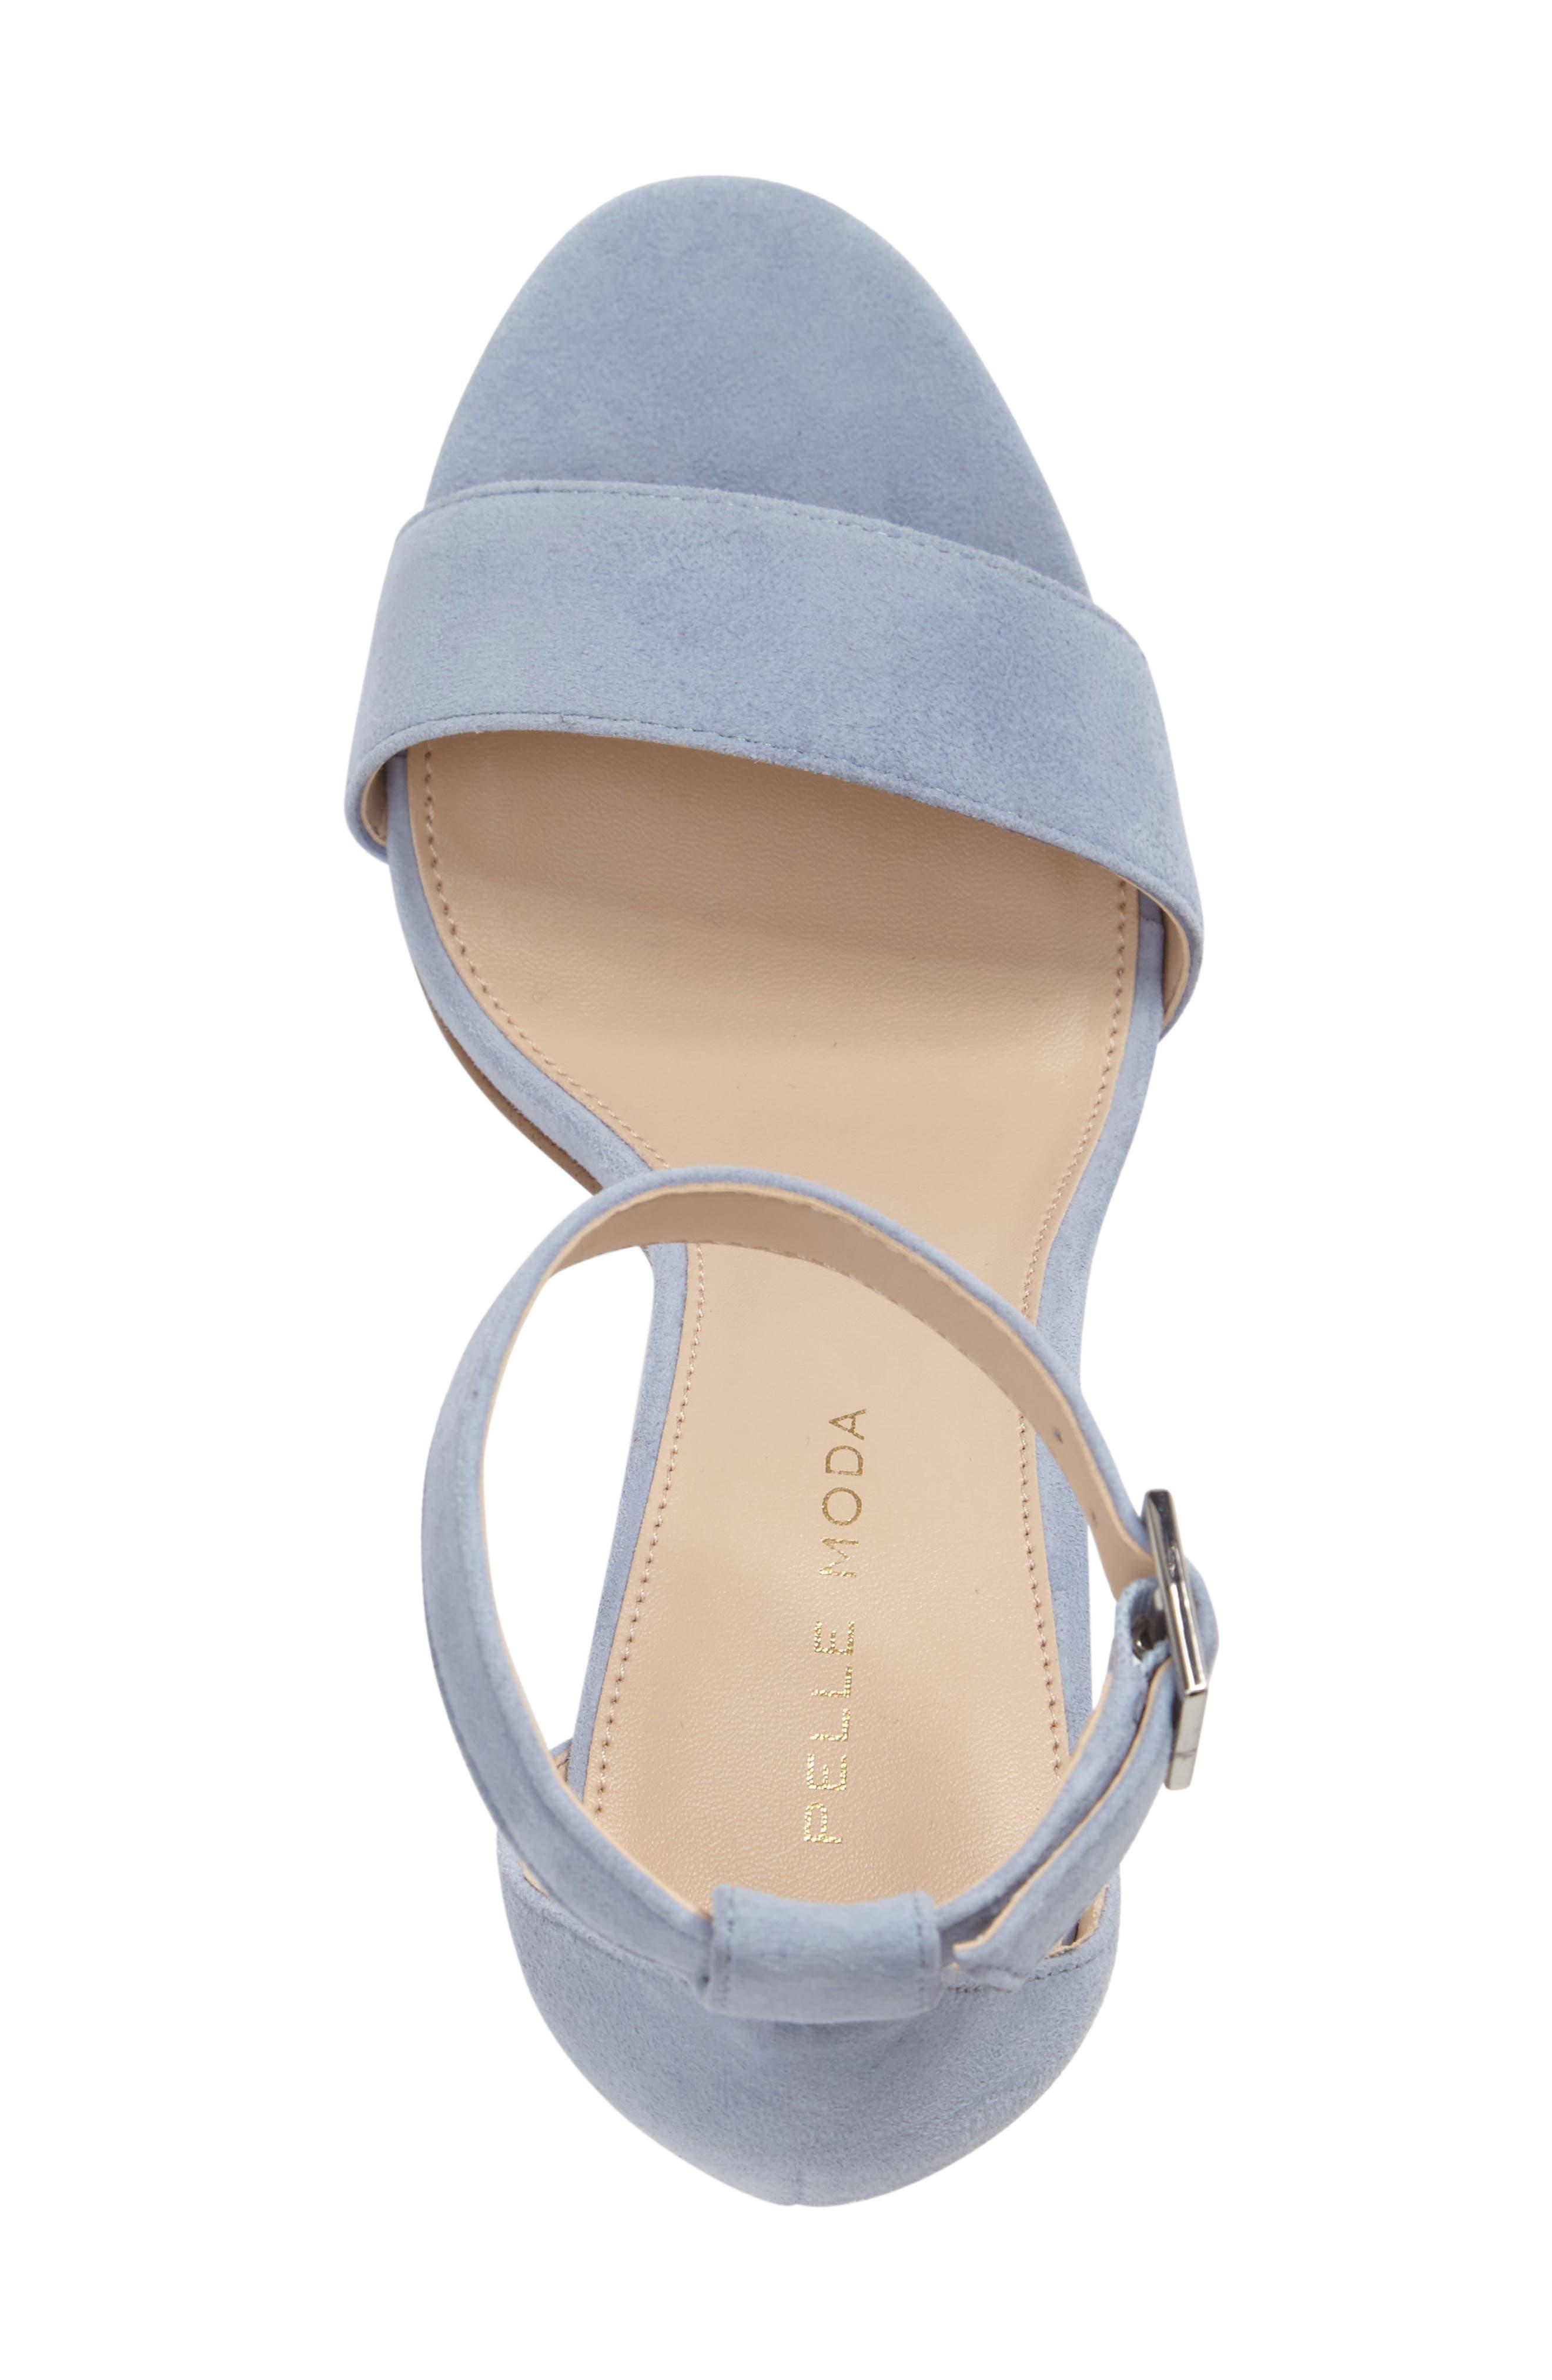 'Bonnie' Ankle Strap Sandal,                             Alternate thumbnail 3, color,                             Powder Blue Leather